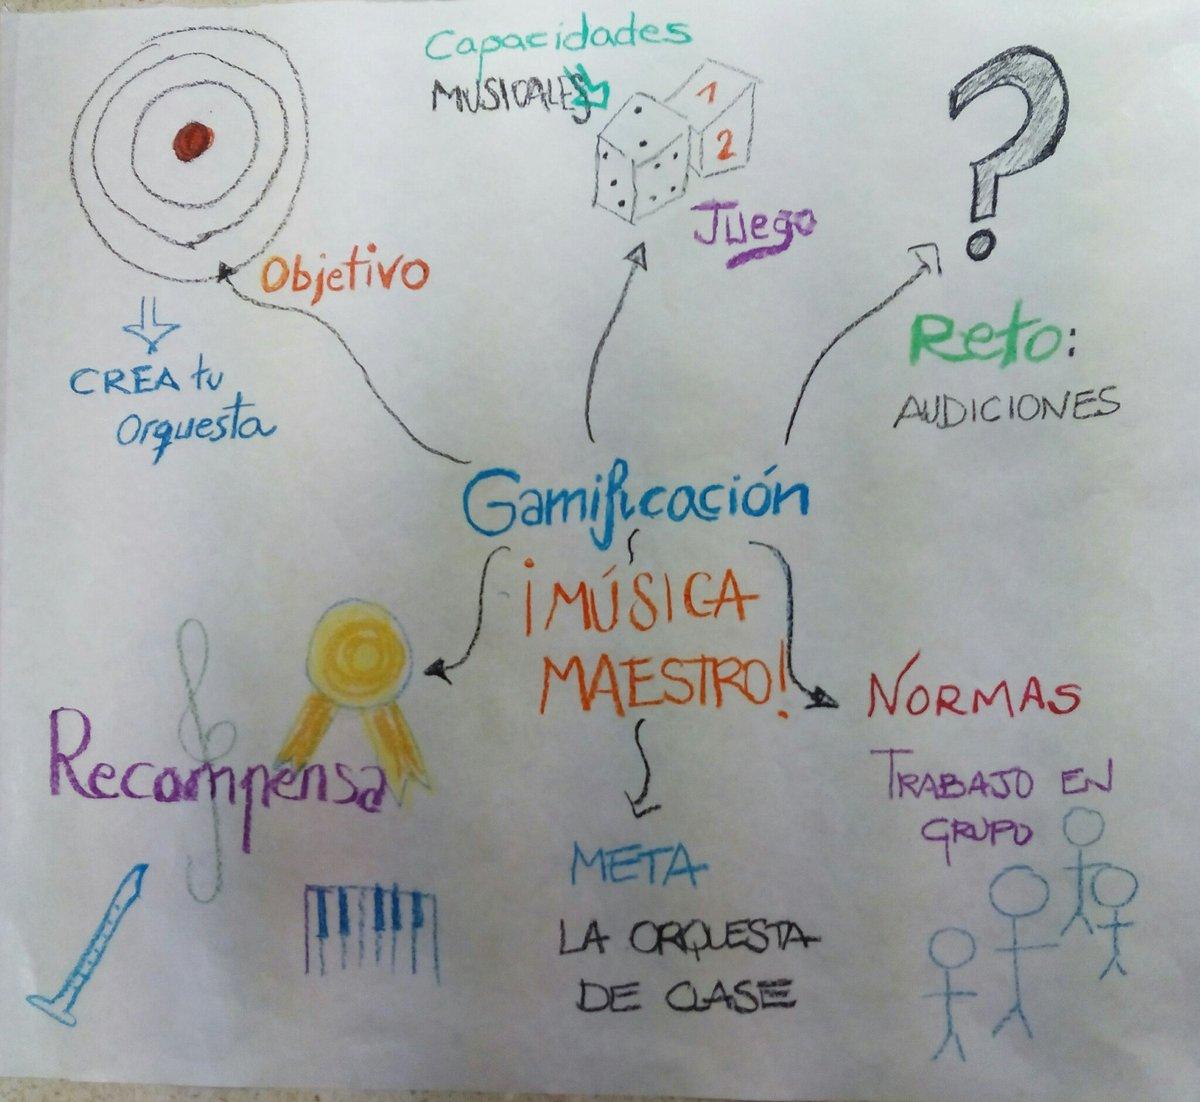 """#Gamificación """"Me supero y aprendo jugando"""" #visualthinking #GrupoD #SGLab https://t.co/b3AhexbX4s"""